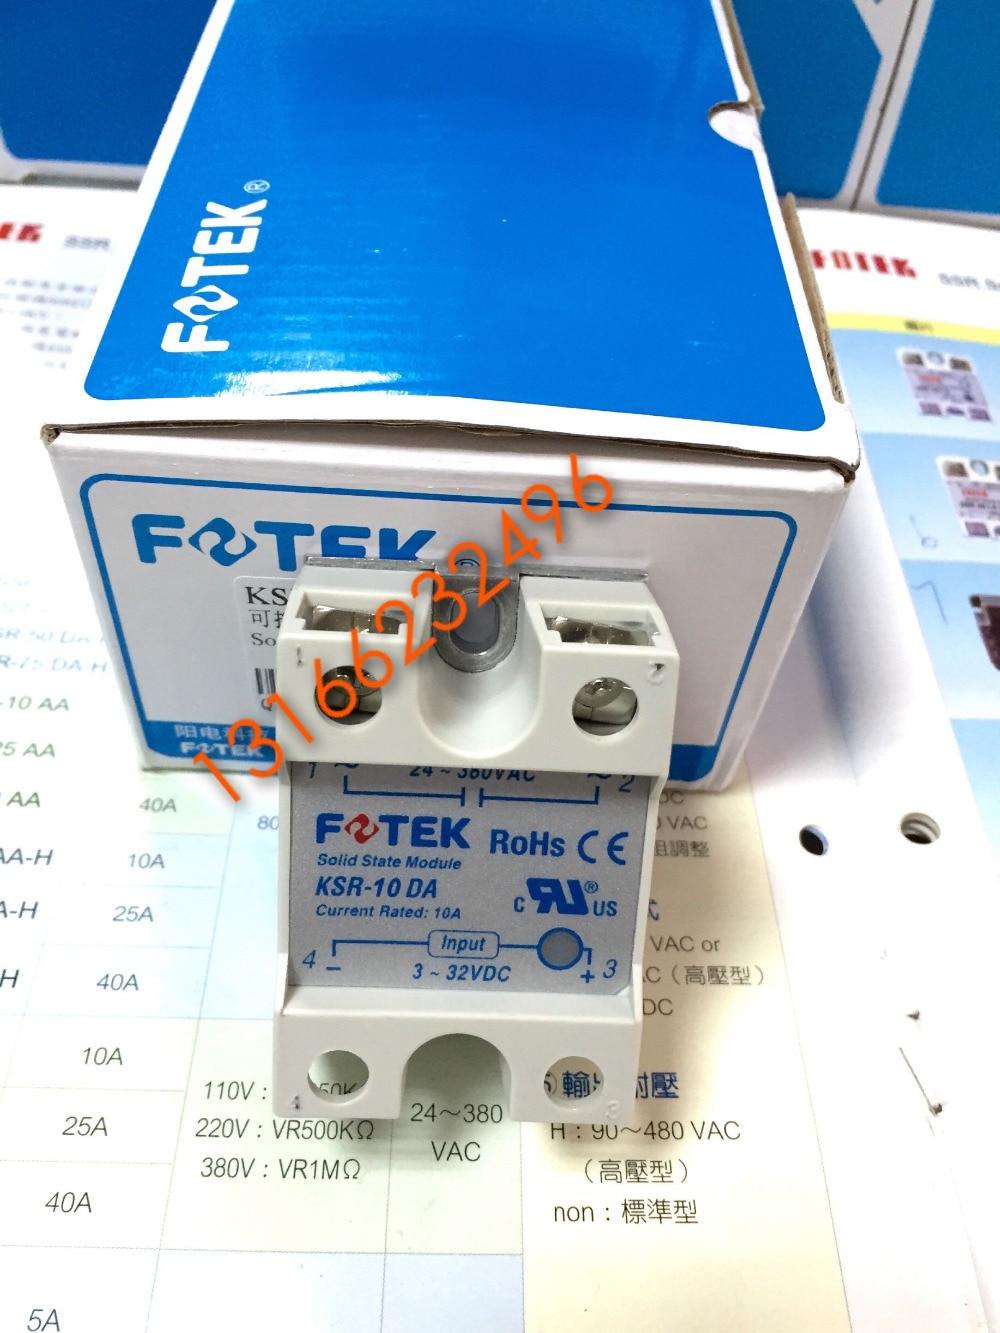 Genuine photoelectric switch SCR module KSR-10DA Yangming original new original taiwan s yangming fotek photoelectric switch a3g 4mxb